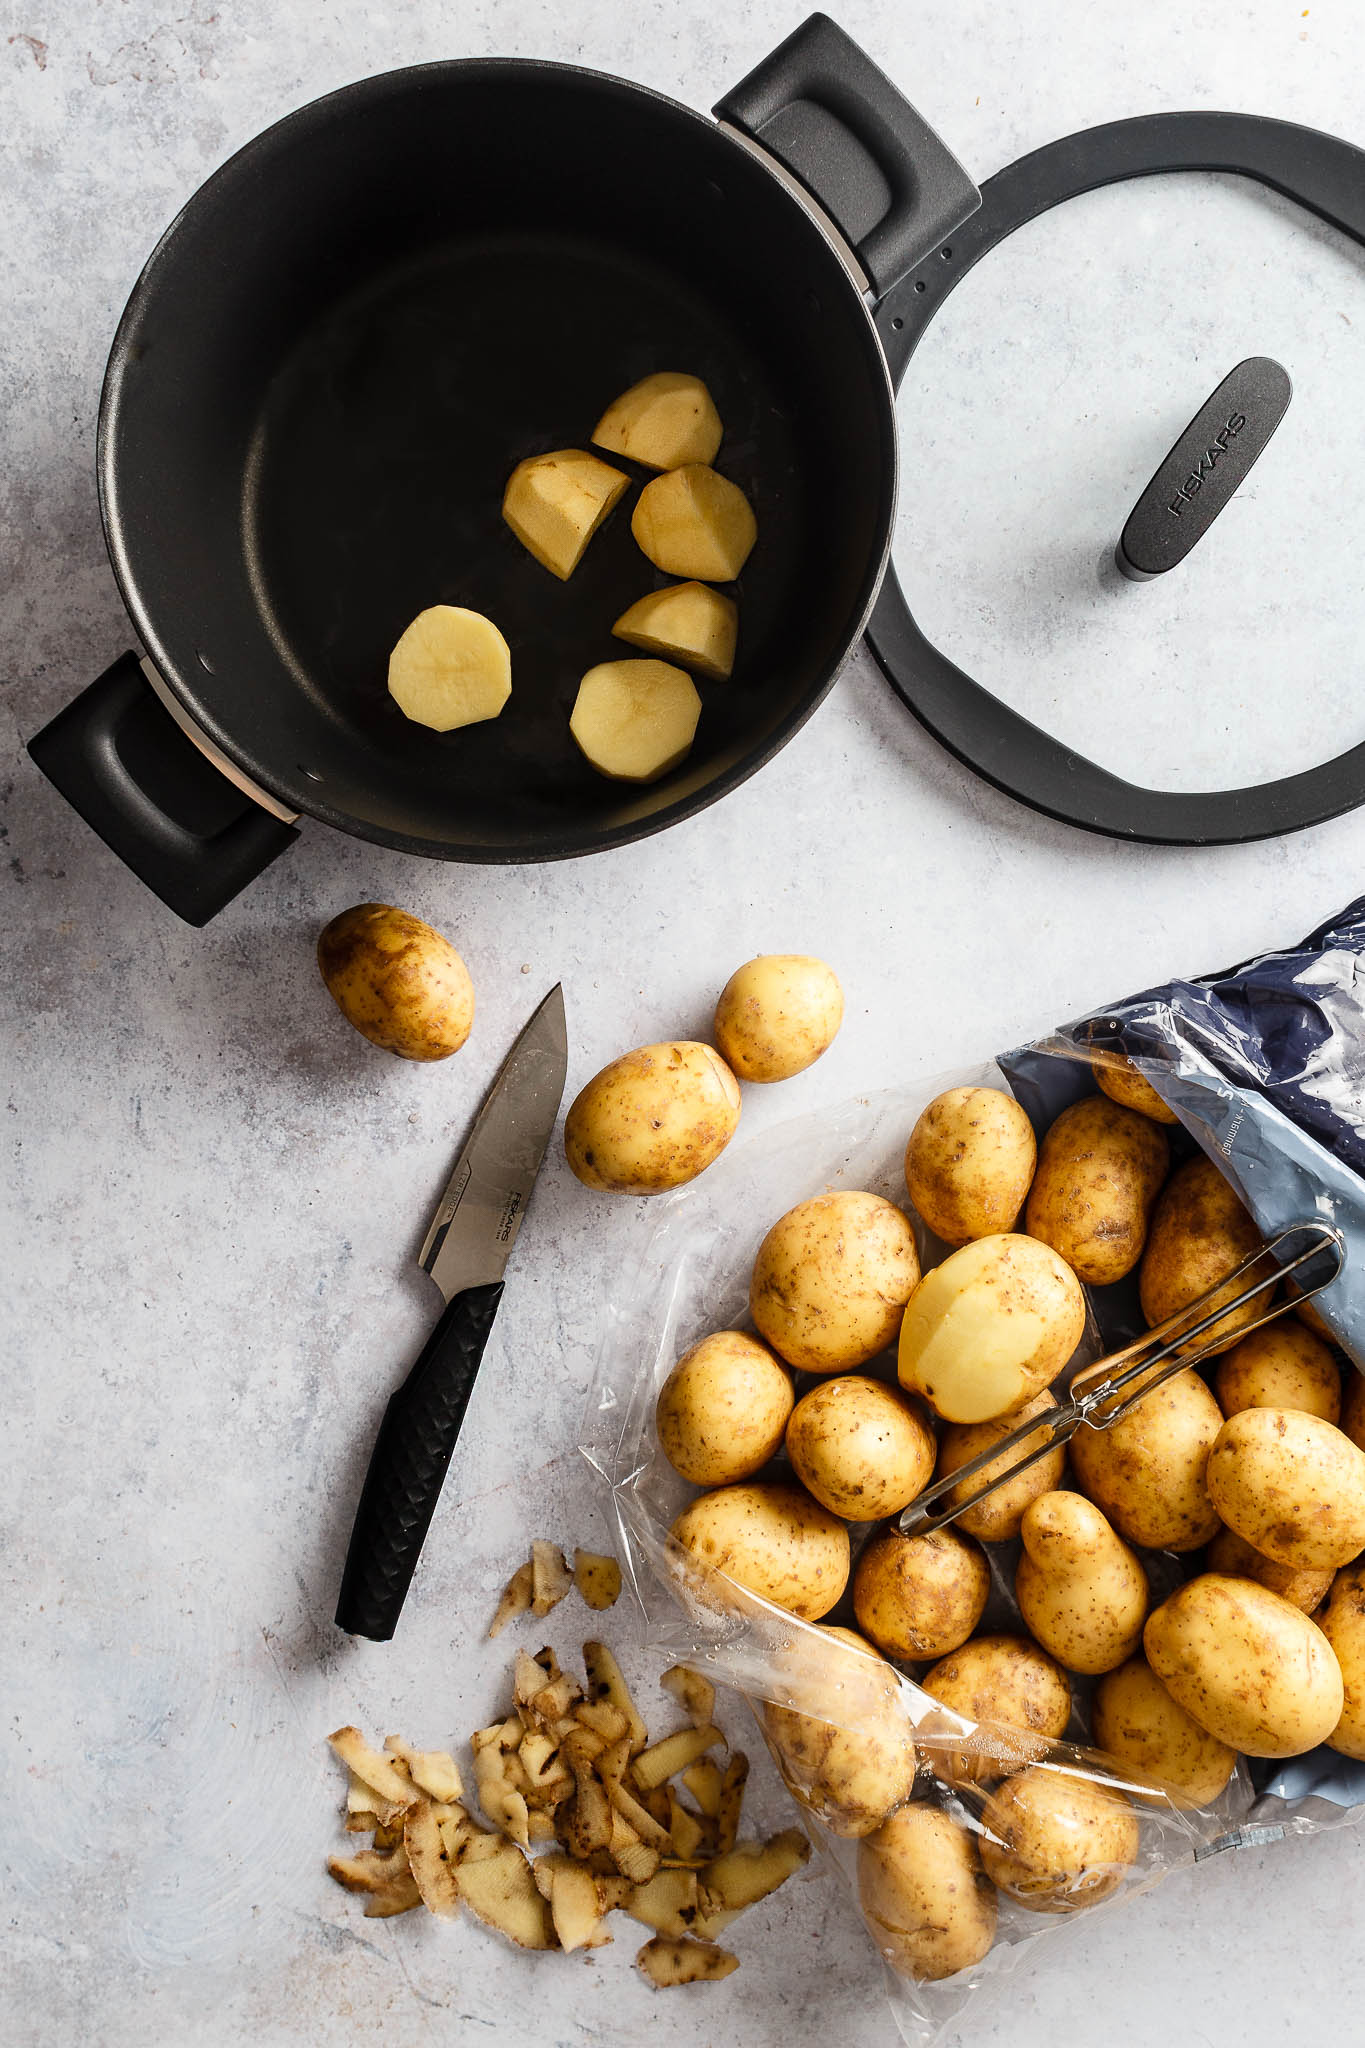 Kartofler - Fiskars Hard Face